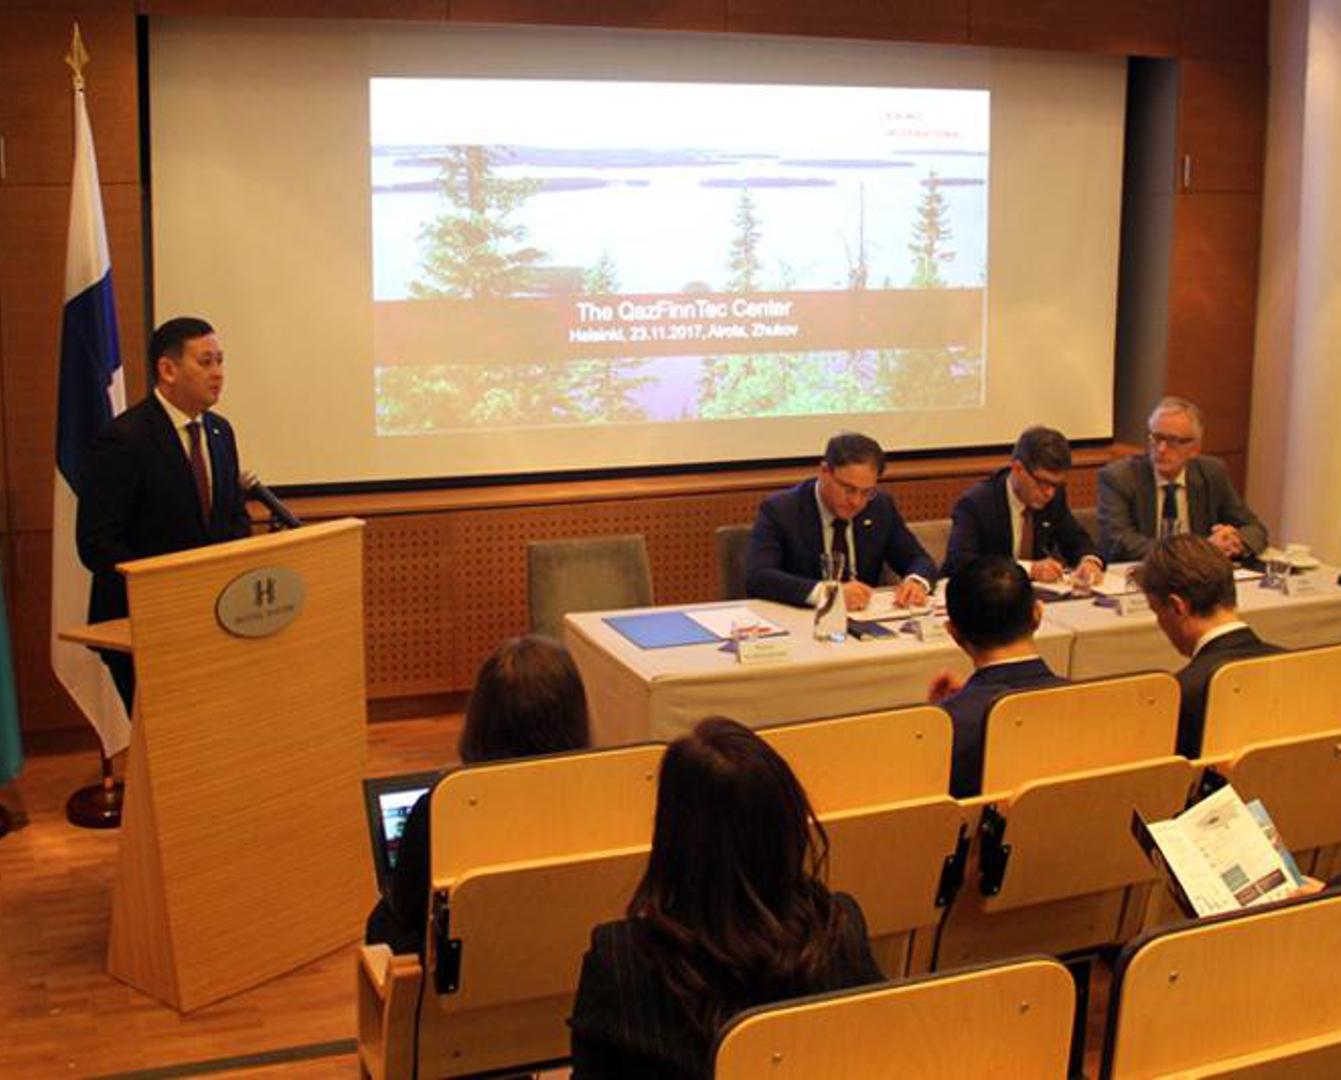 Казахстанско-финский центр передачи зеленых технологий презентовали в Хельсинки